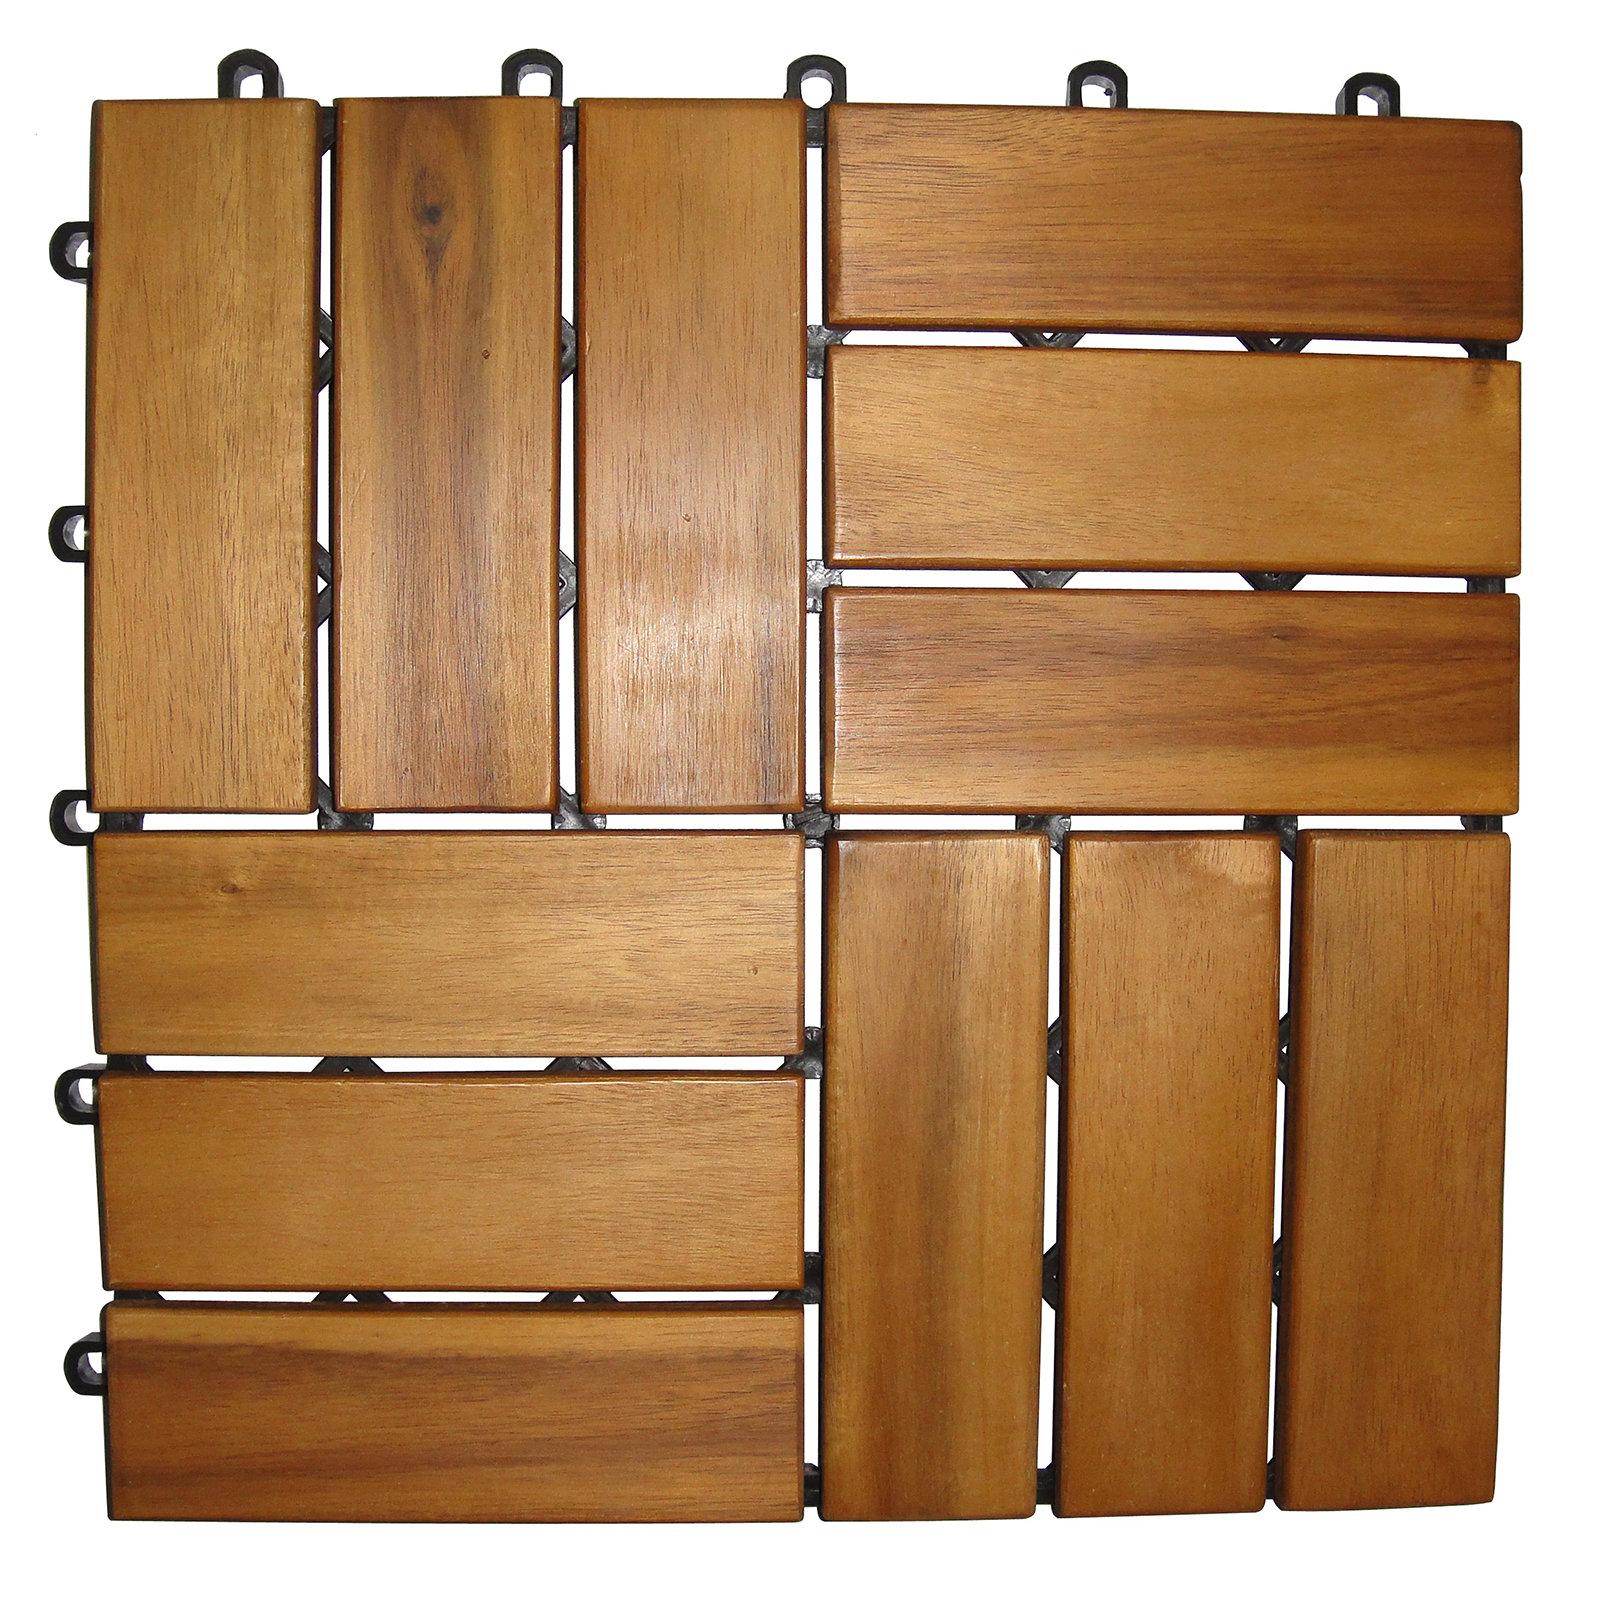 Gardiola 9er Pack Holzfliese Akazie 30x30 Cm Online Bei